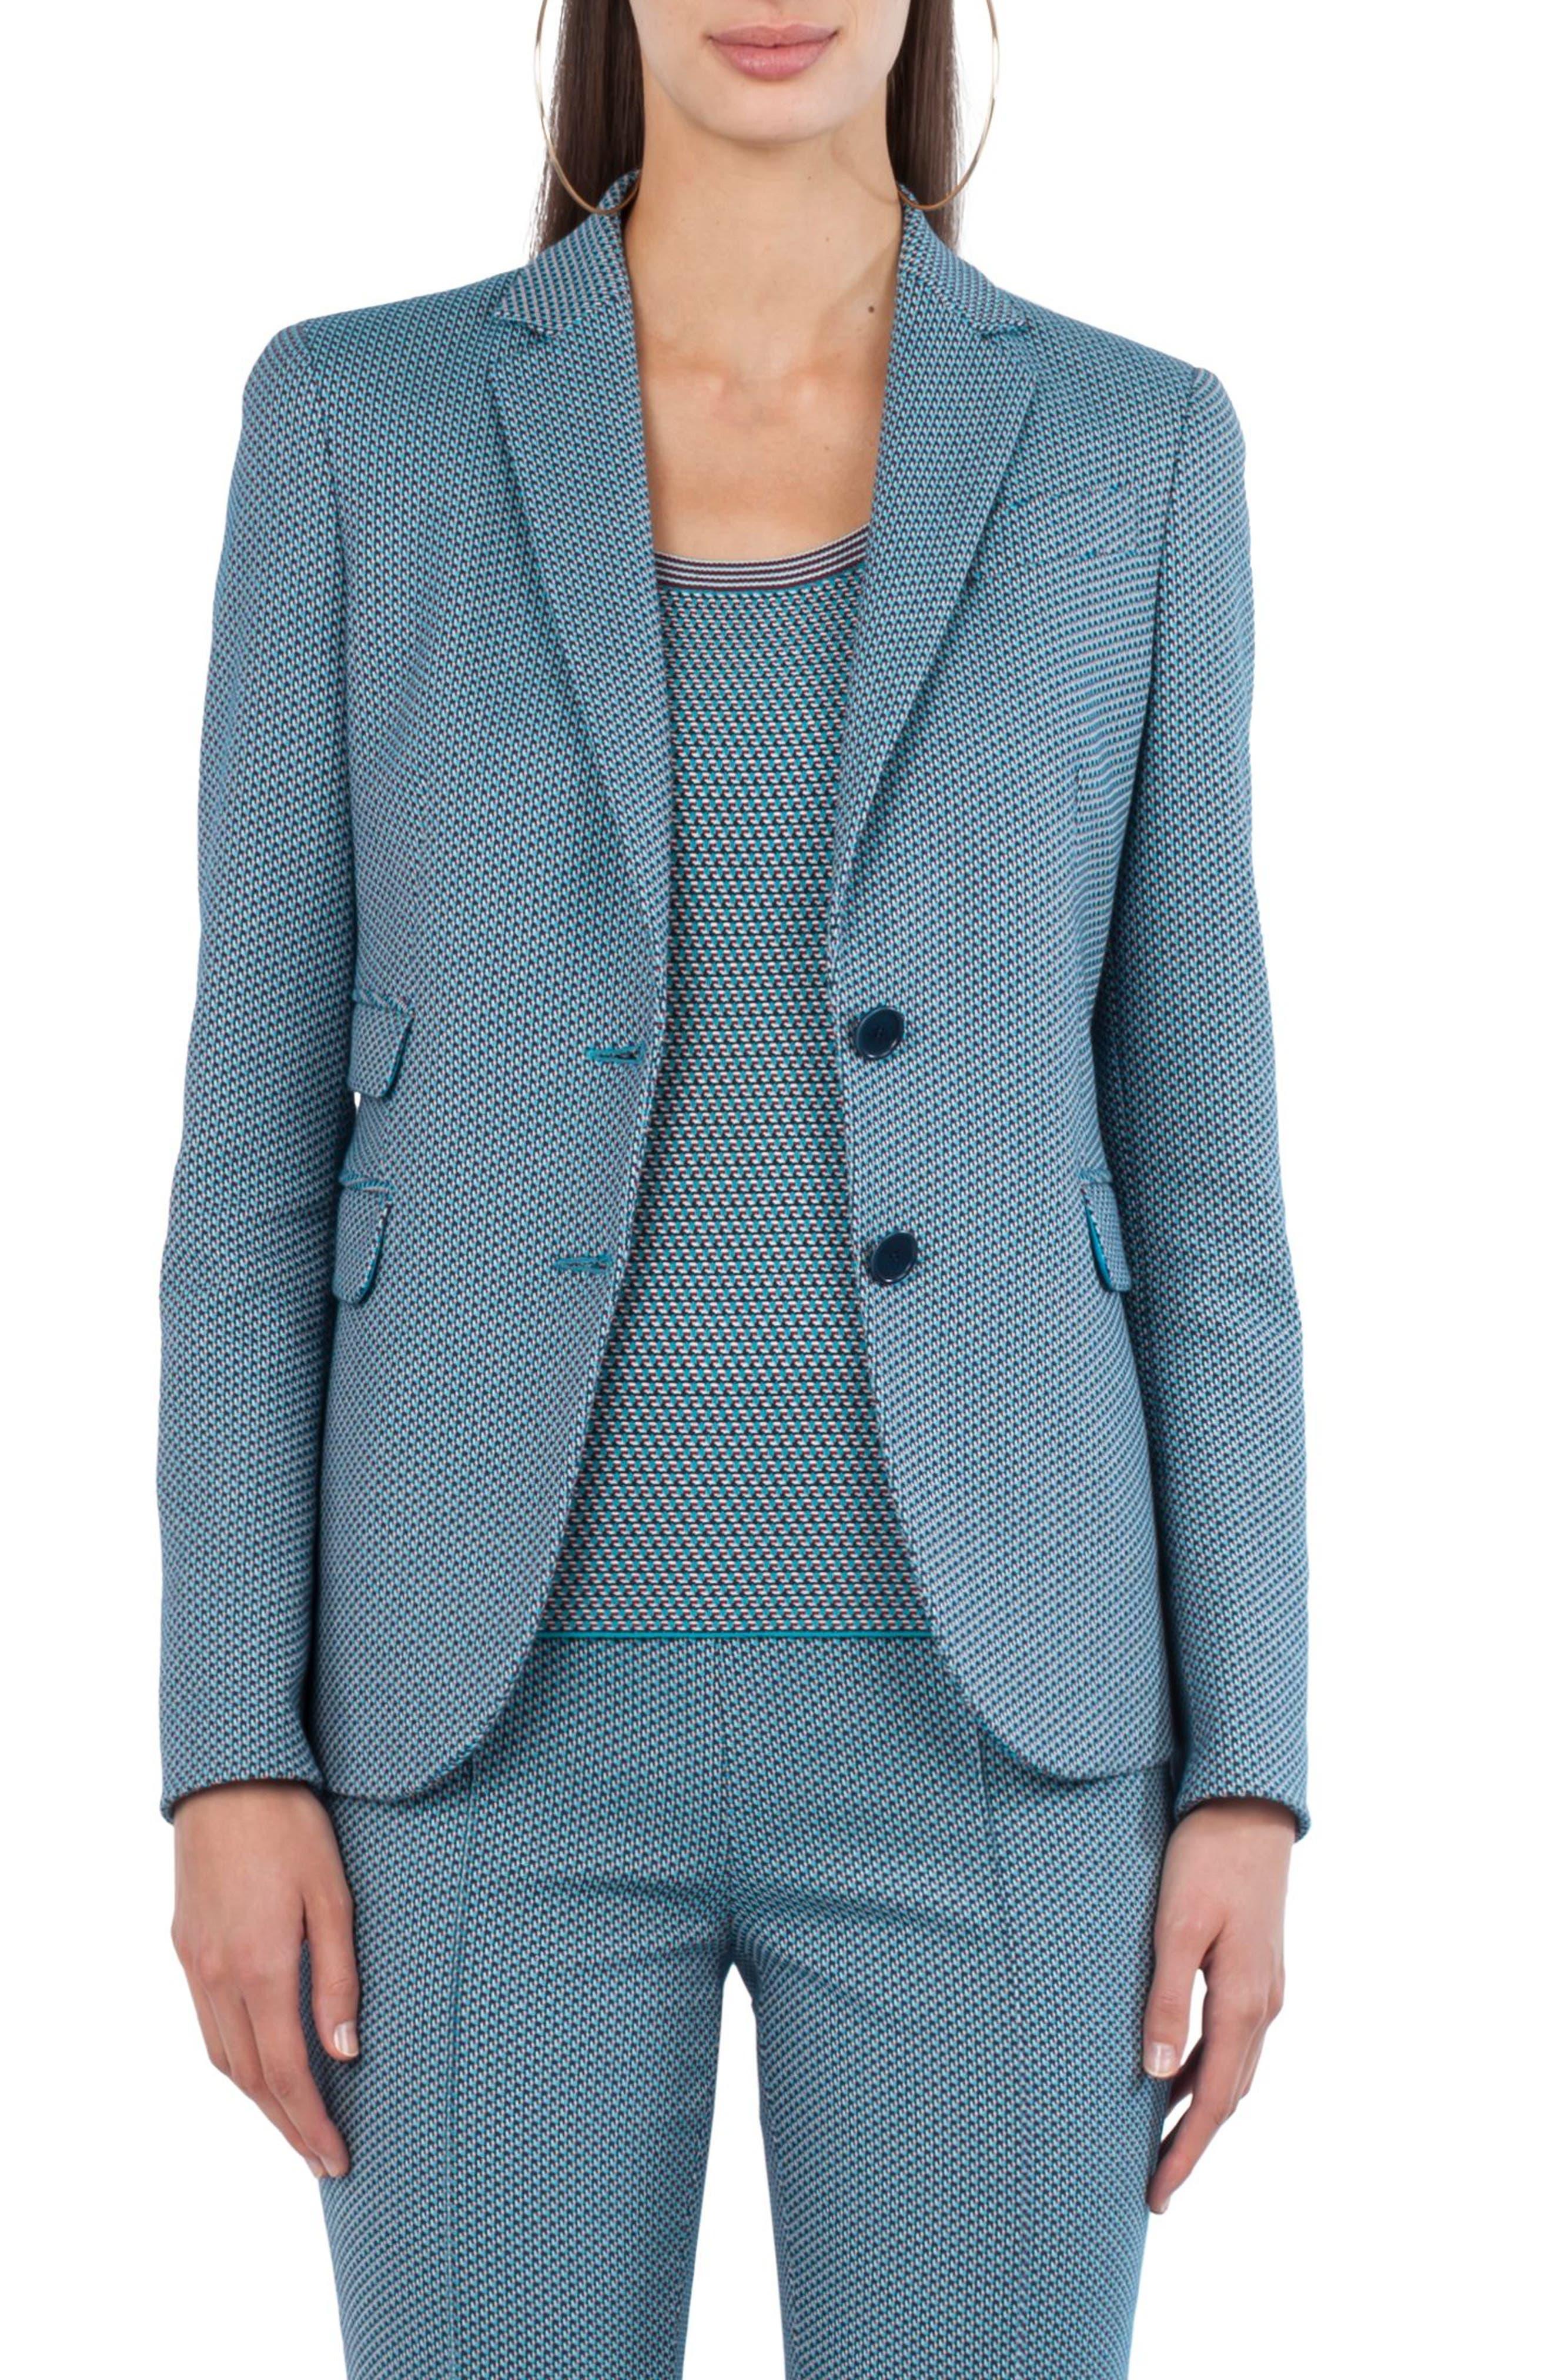 Fantasy Jacquard Knit Blazer,                             Main thumbnail 1, color,                             Turquoise Multi